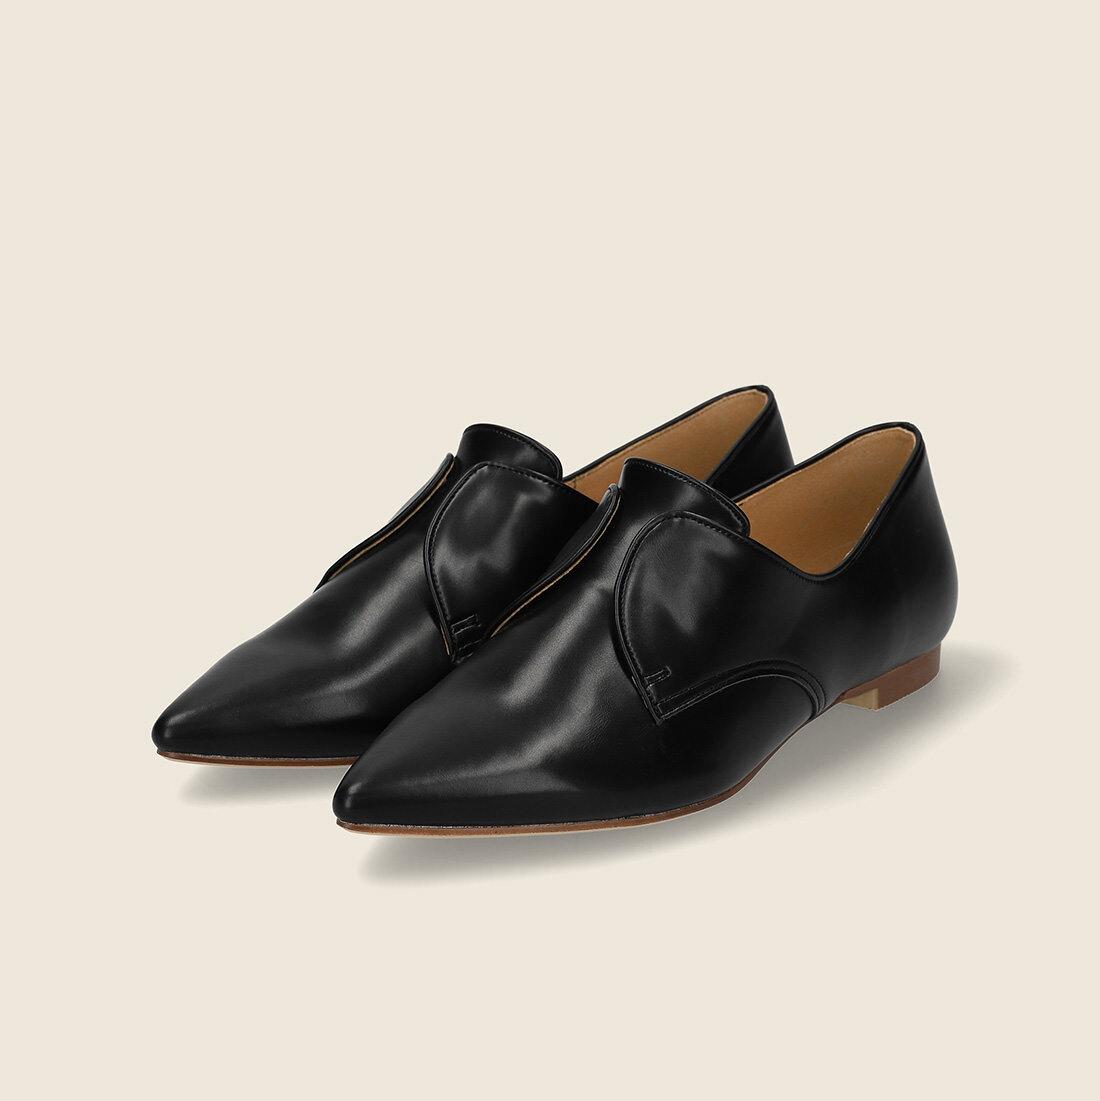 【一部難あり】ポインテッドトゥ ノーレース  ドレスシューズ:ブラック 24.5cm(OT1277)